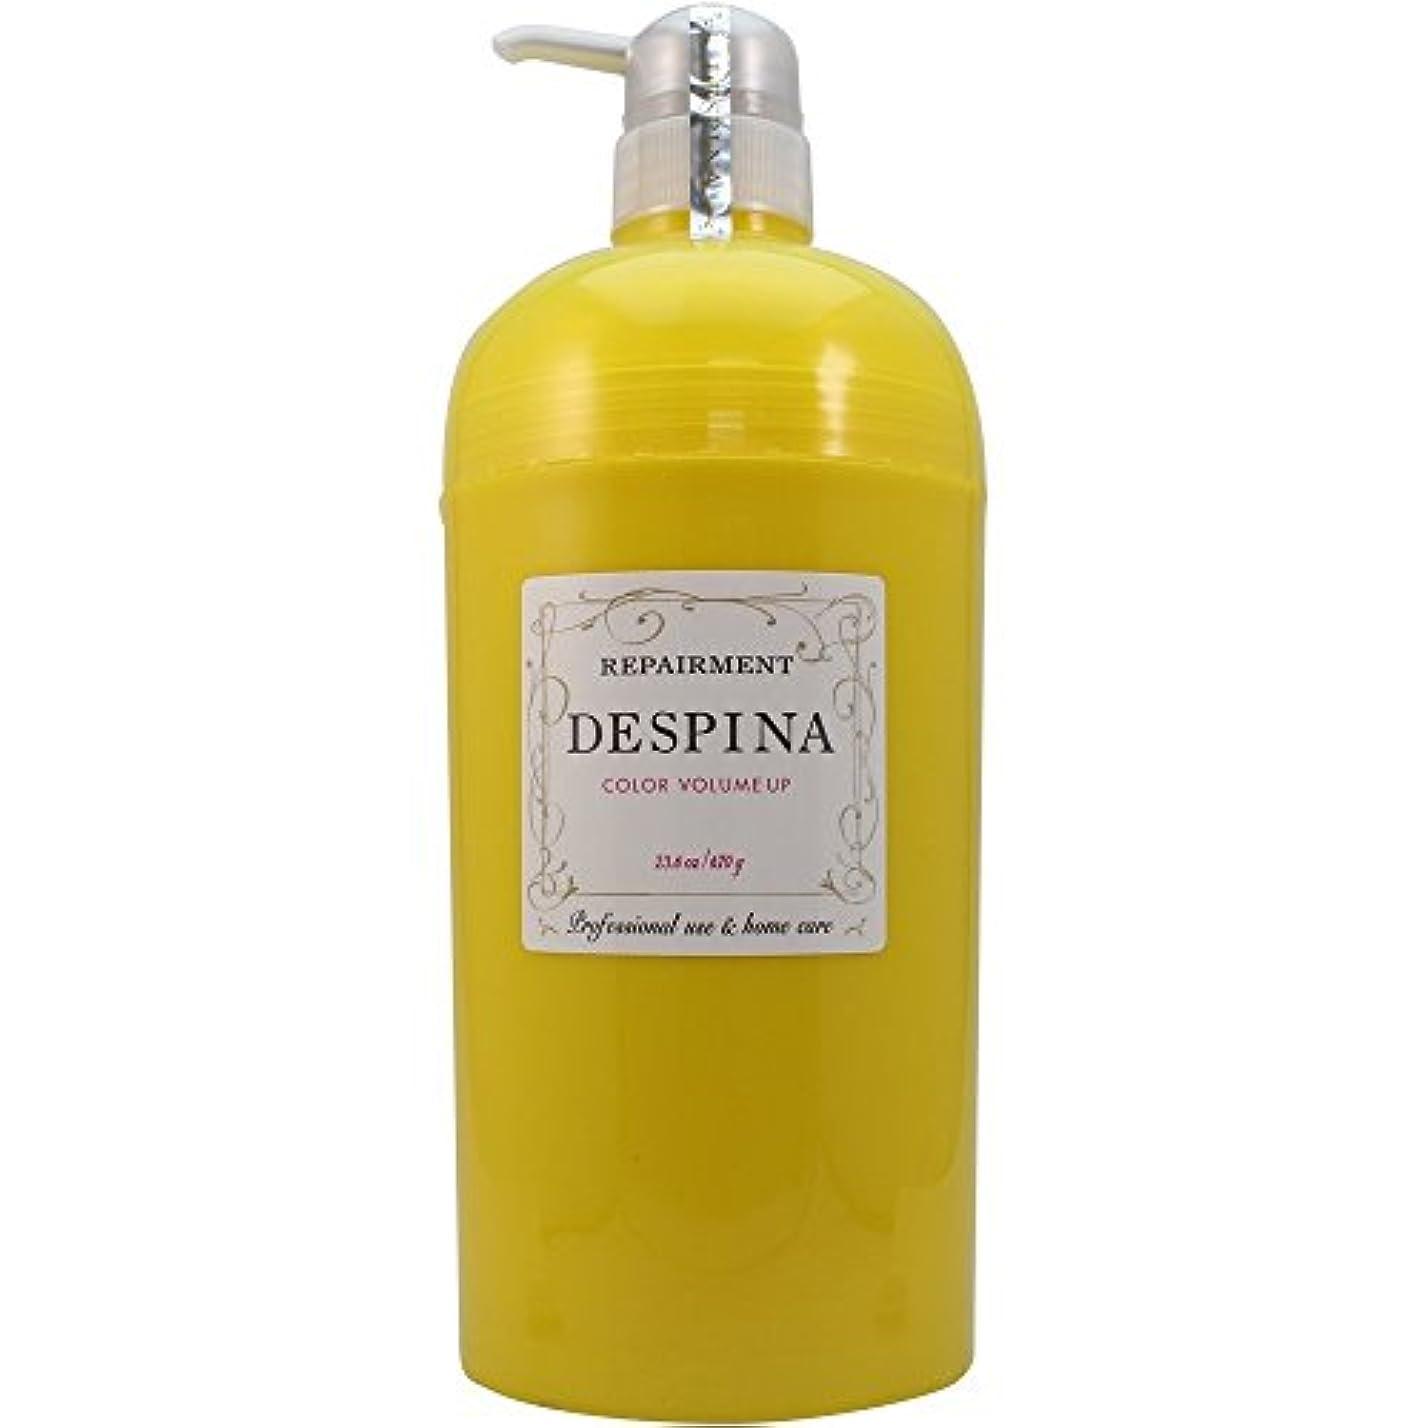 くすぐったい顧問カヌー中野製薬 デスピナ リペアメント カラー ボリュームアップ 670g